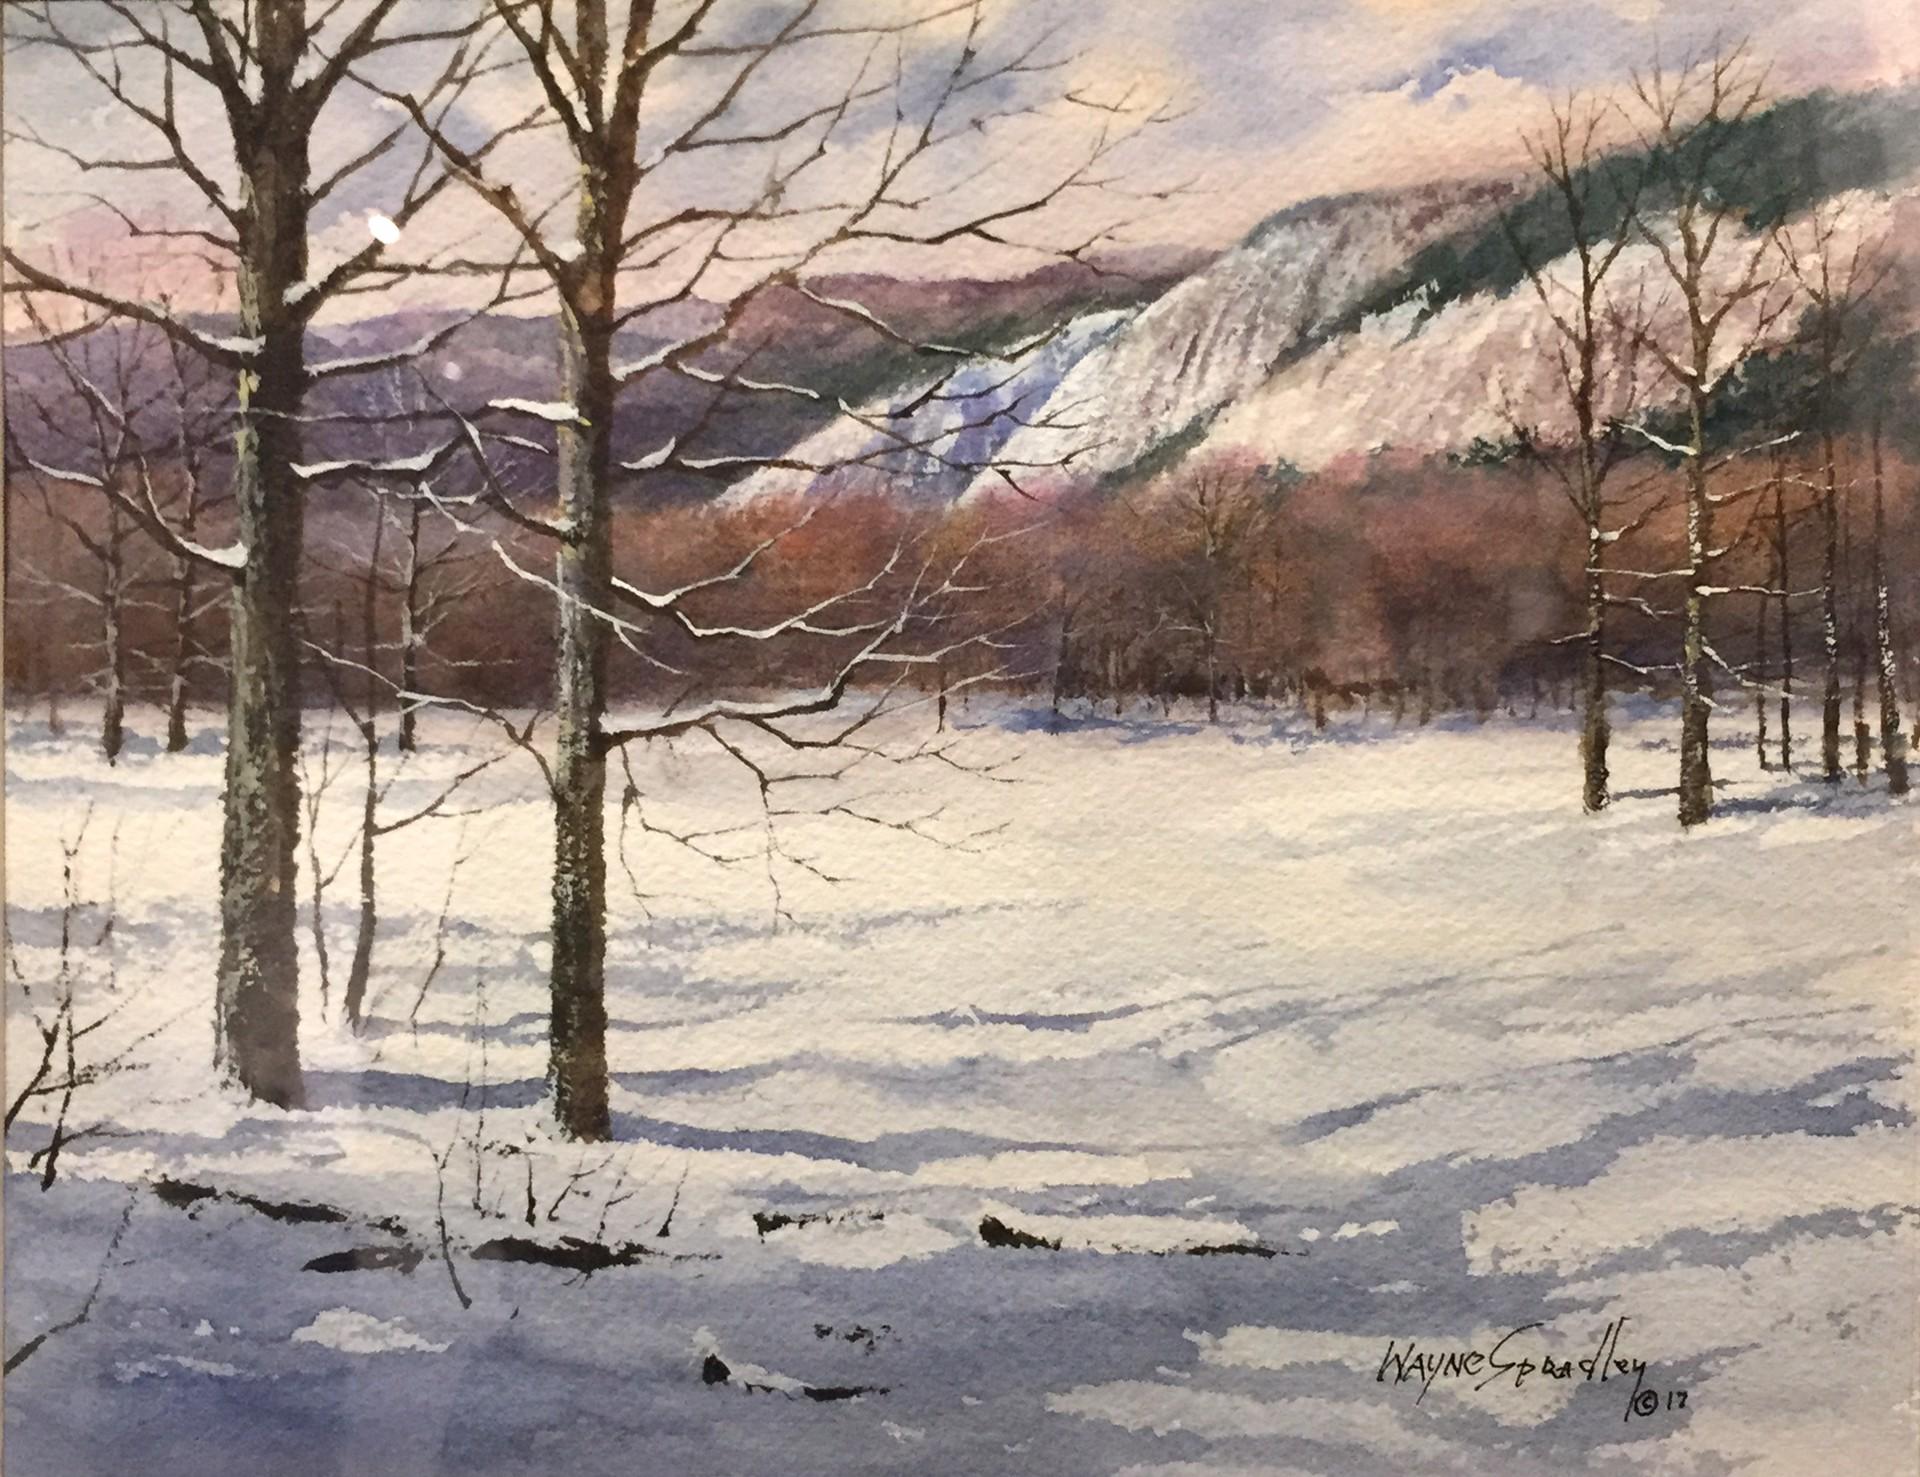 Lonesome Valley in Winter by Wayne Spradley